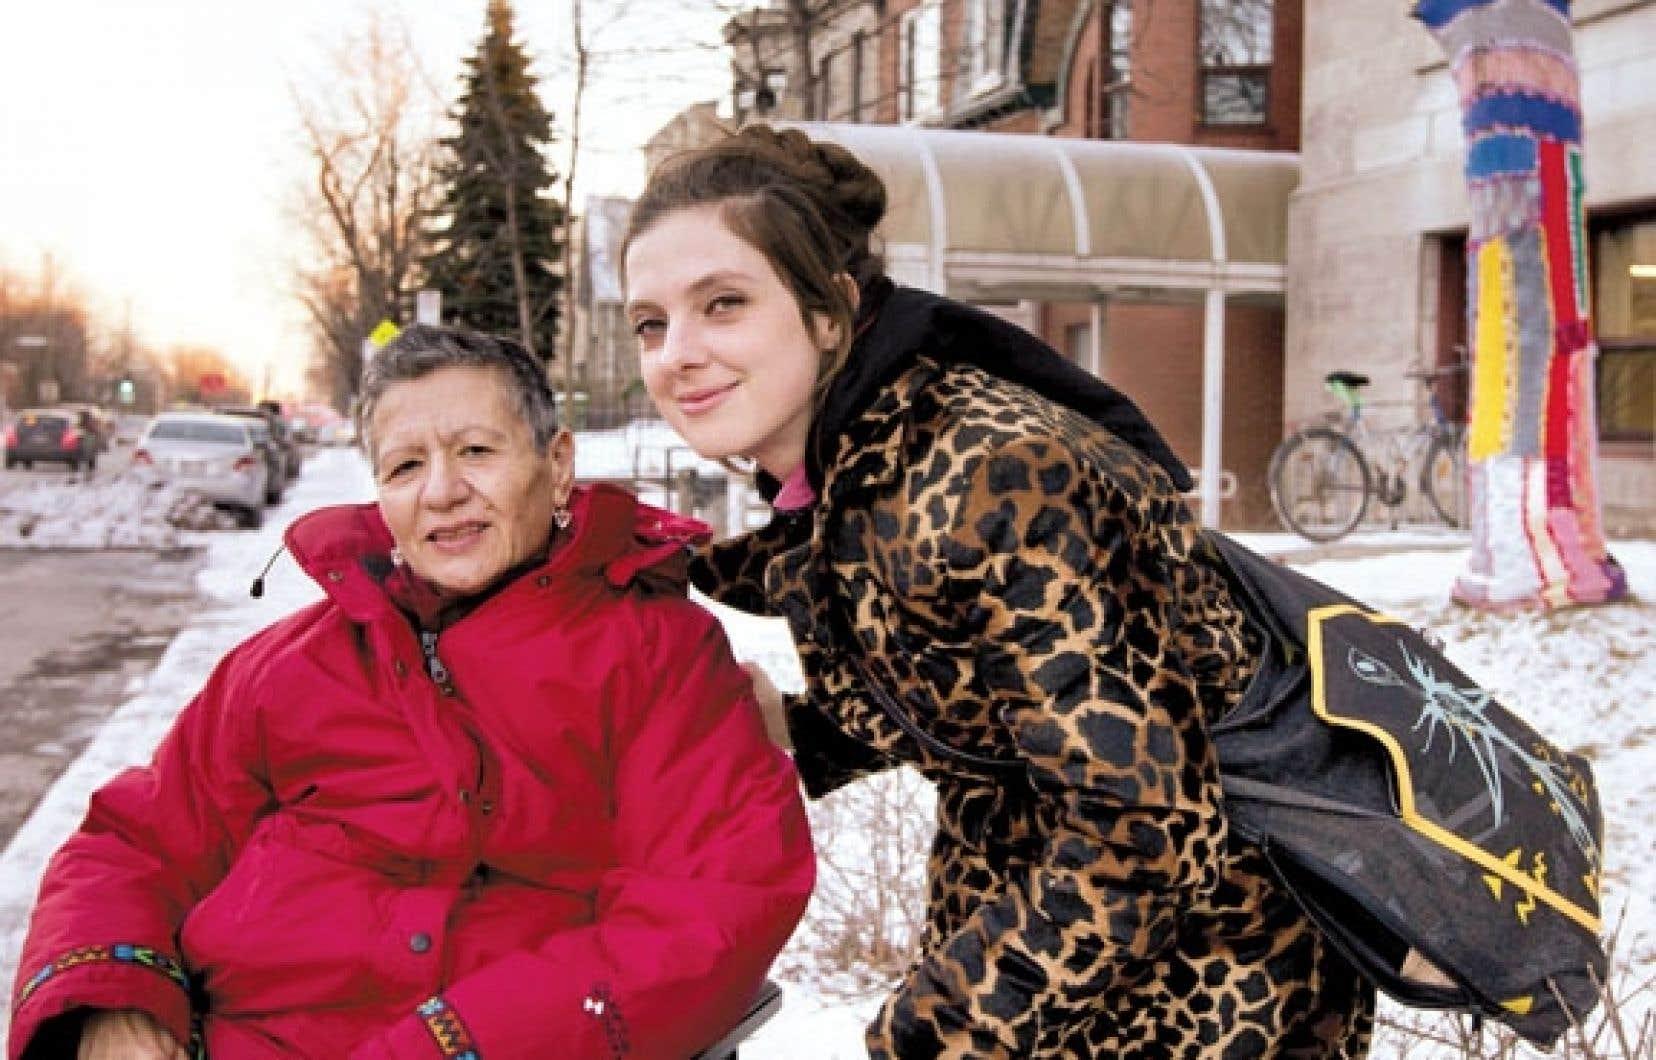 Guiseppa Terresi est l'une des premières résidentes du CHSLD Providence Notre-Dame de Lourdes à avoir participé aux ateliers de tricot-graffiti de Karine Fournier.